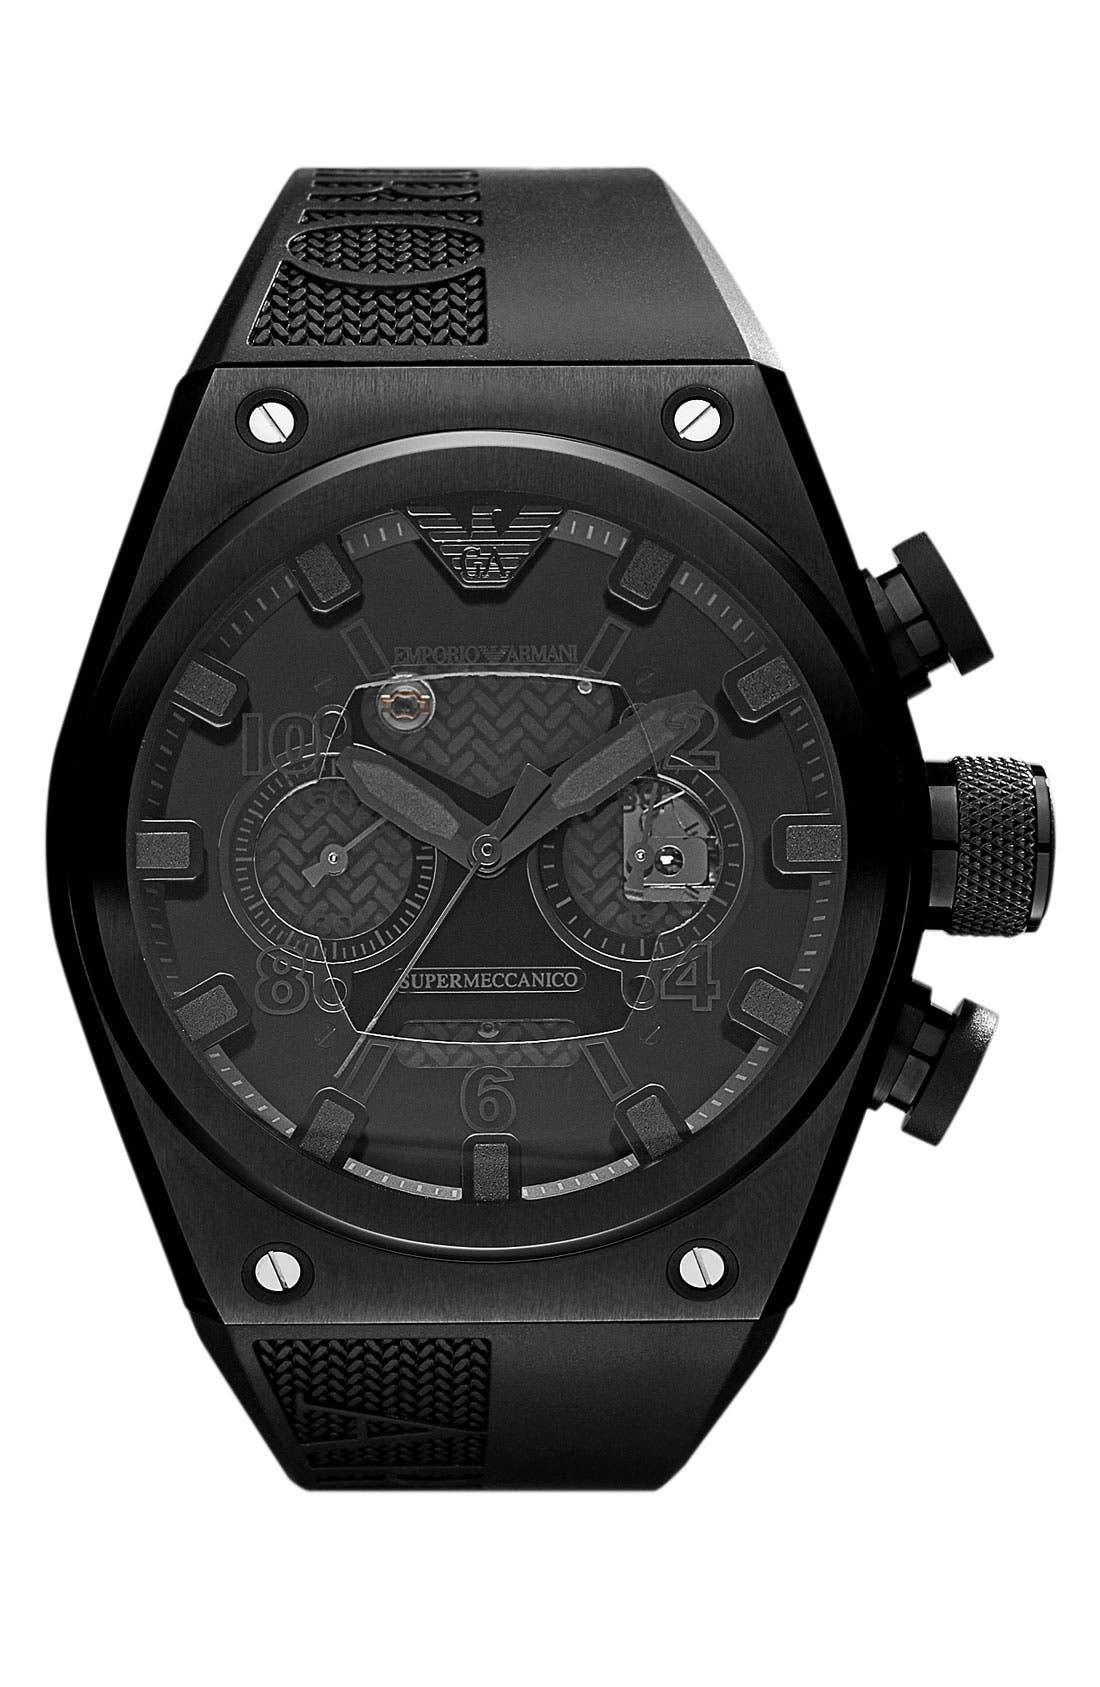 Main Image - Emporio Armani 'Super Meccanico - 30th Anniversary' Watch (Limited Edition)